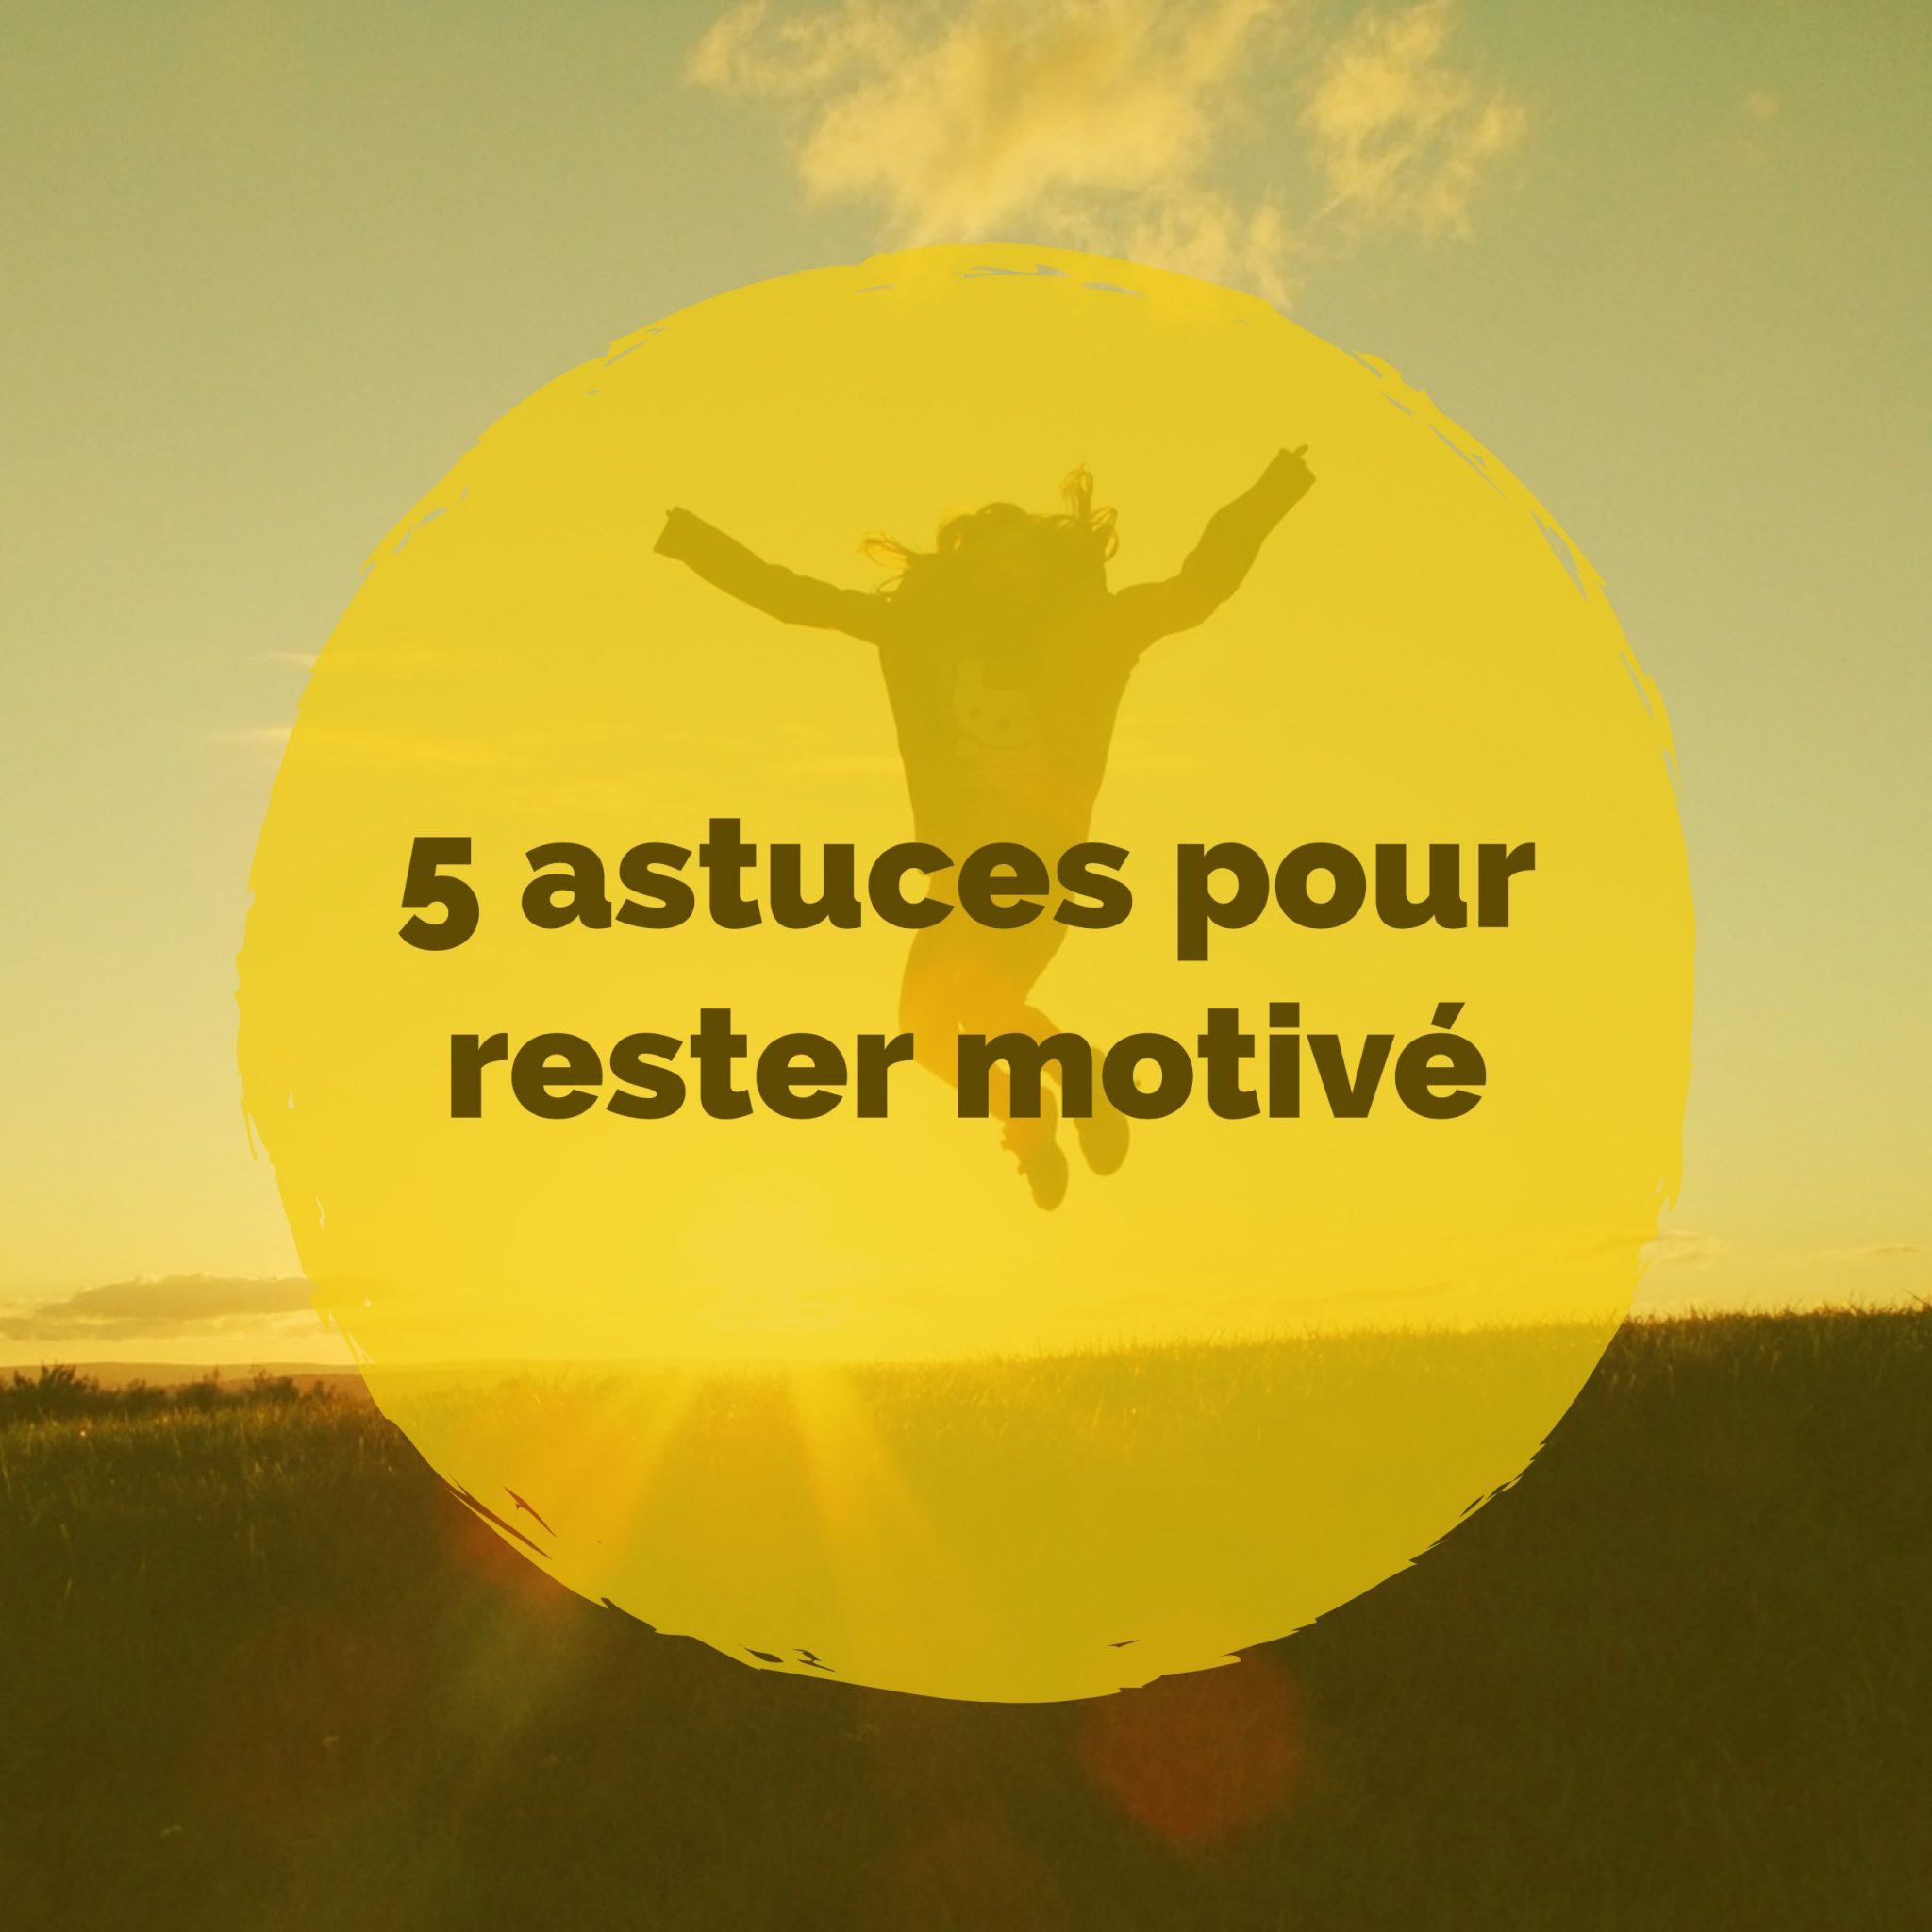 5 astuces pour rester motivé